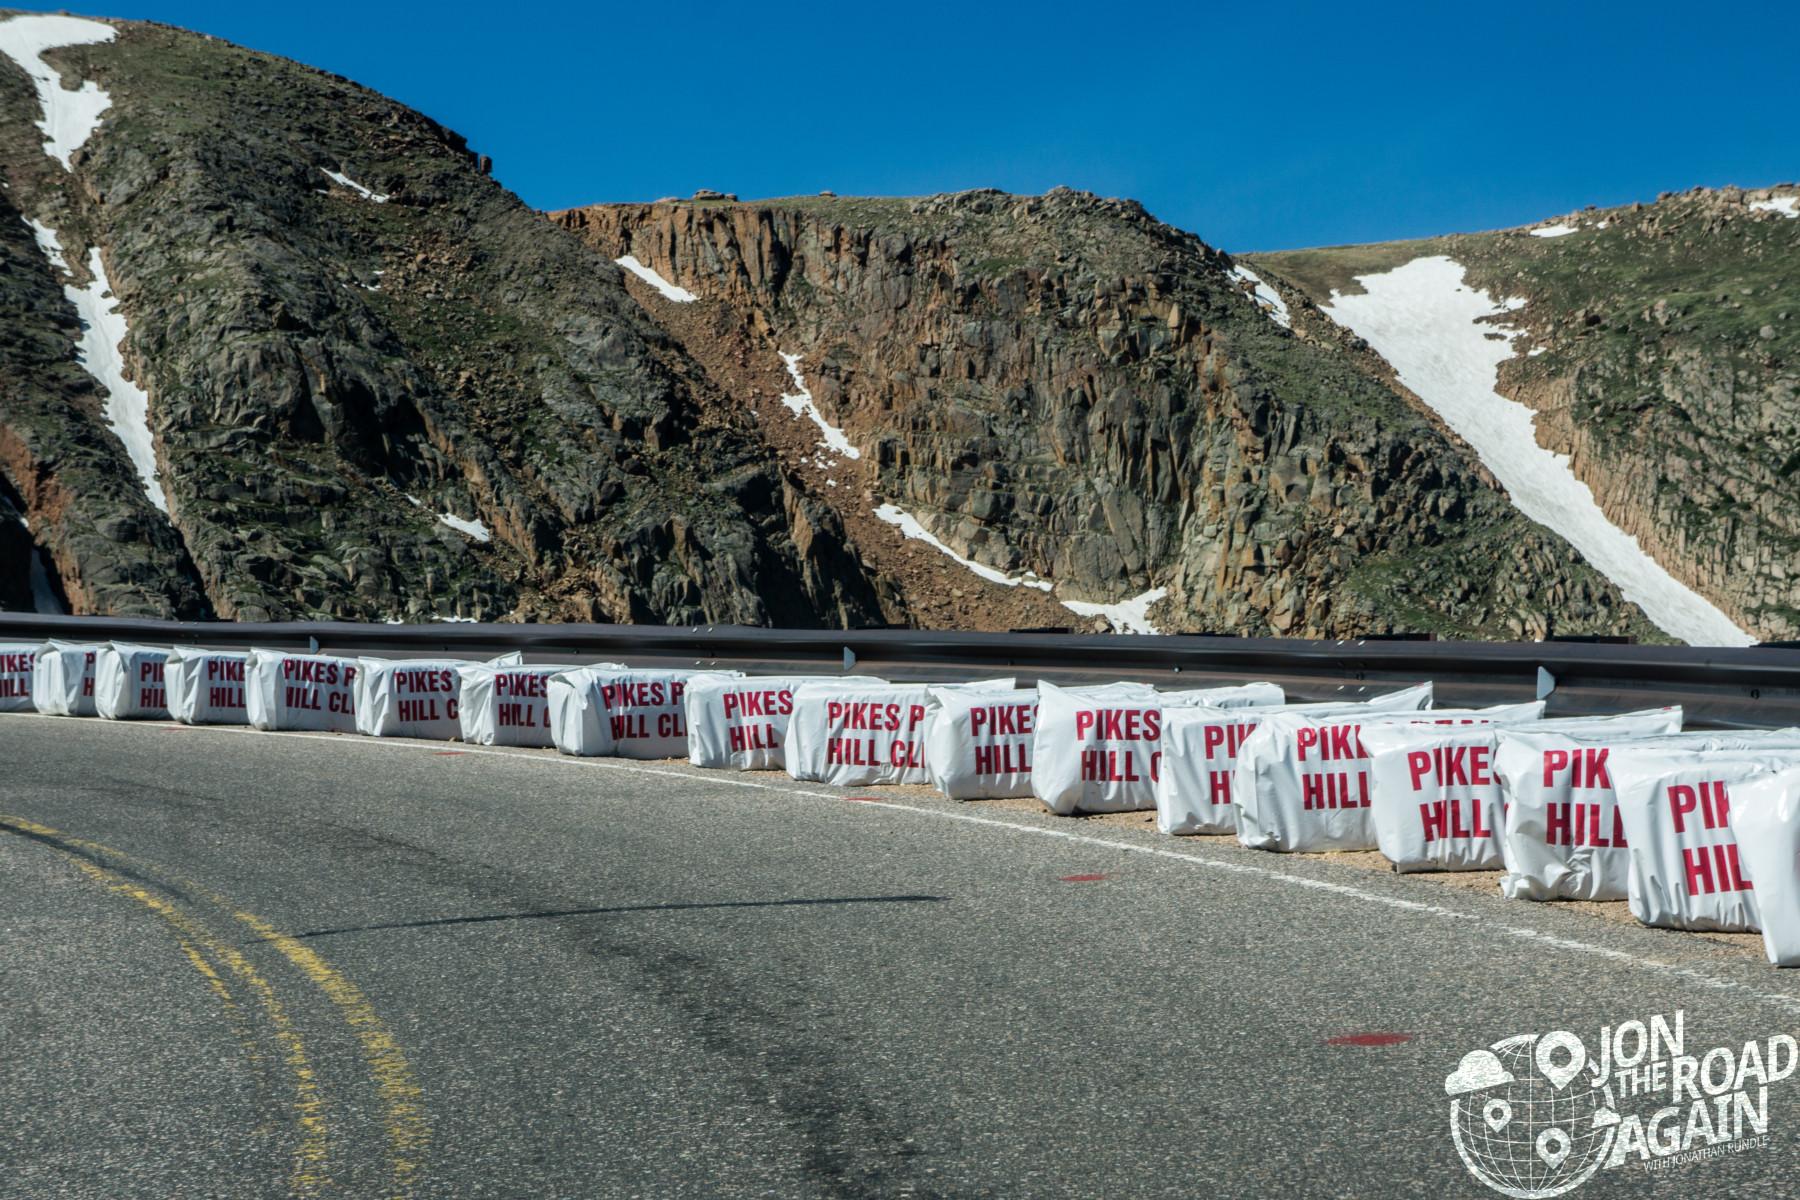 Pikes Peak Turns